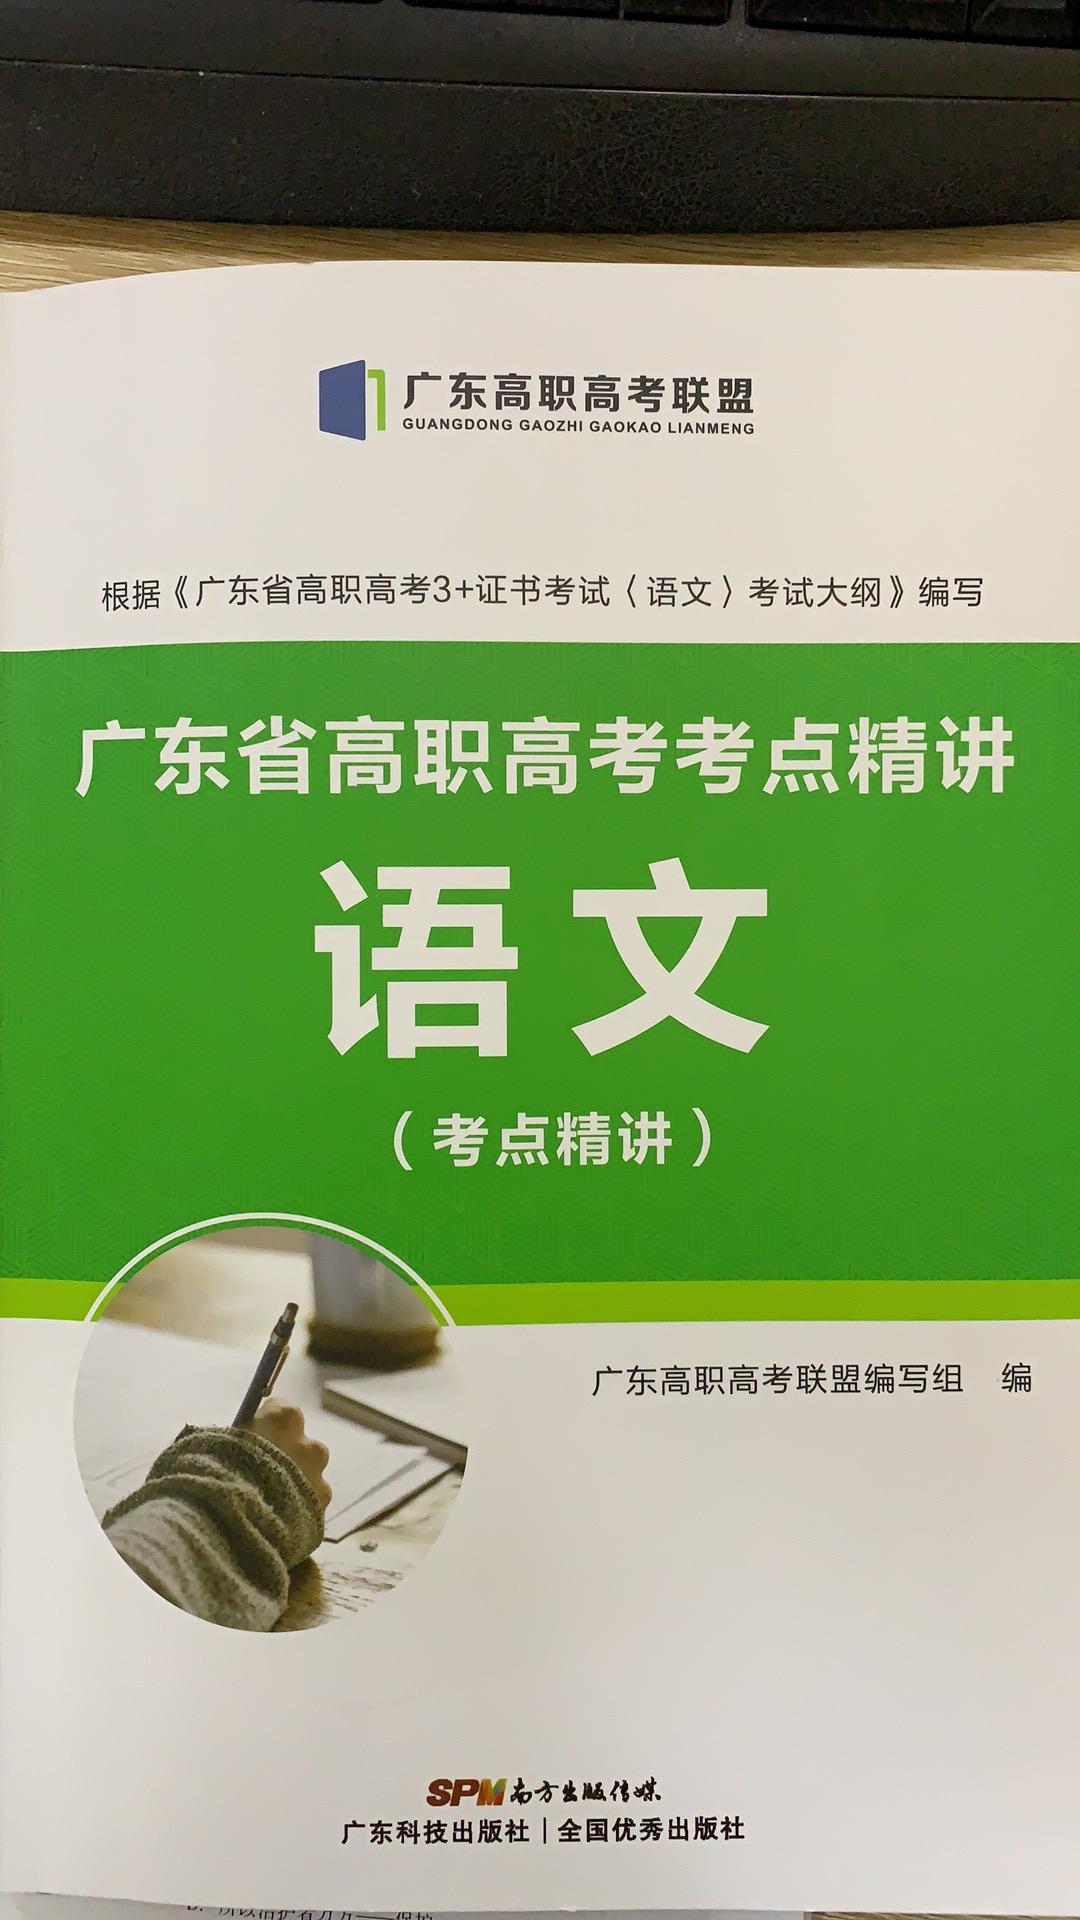 2020年高职高考(3+证书)语文教材第3章第4节理解文言句式和用法